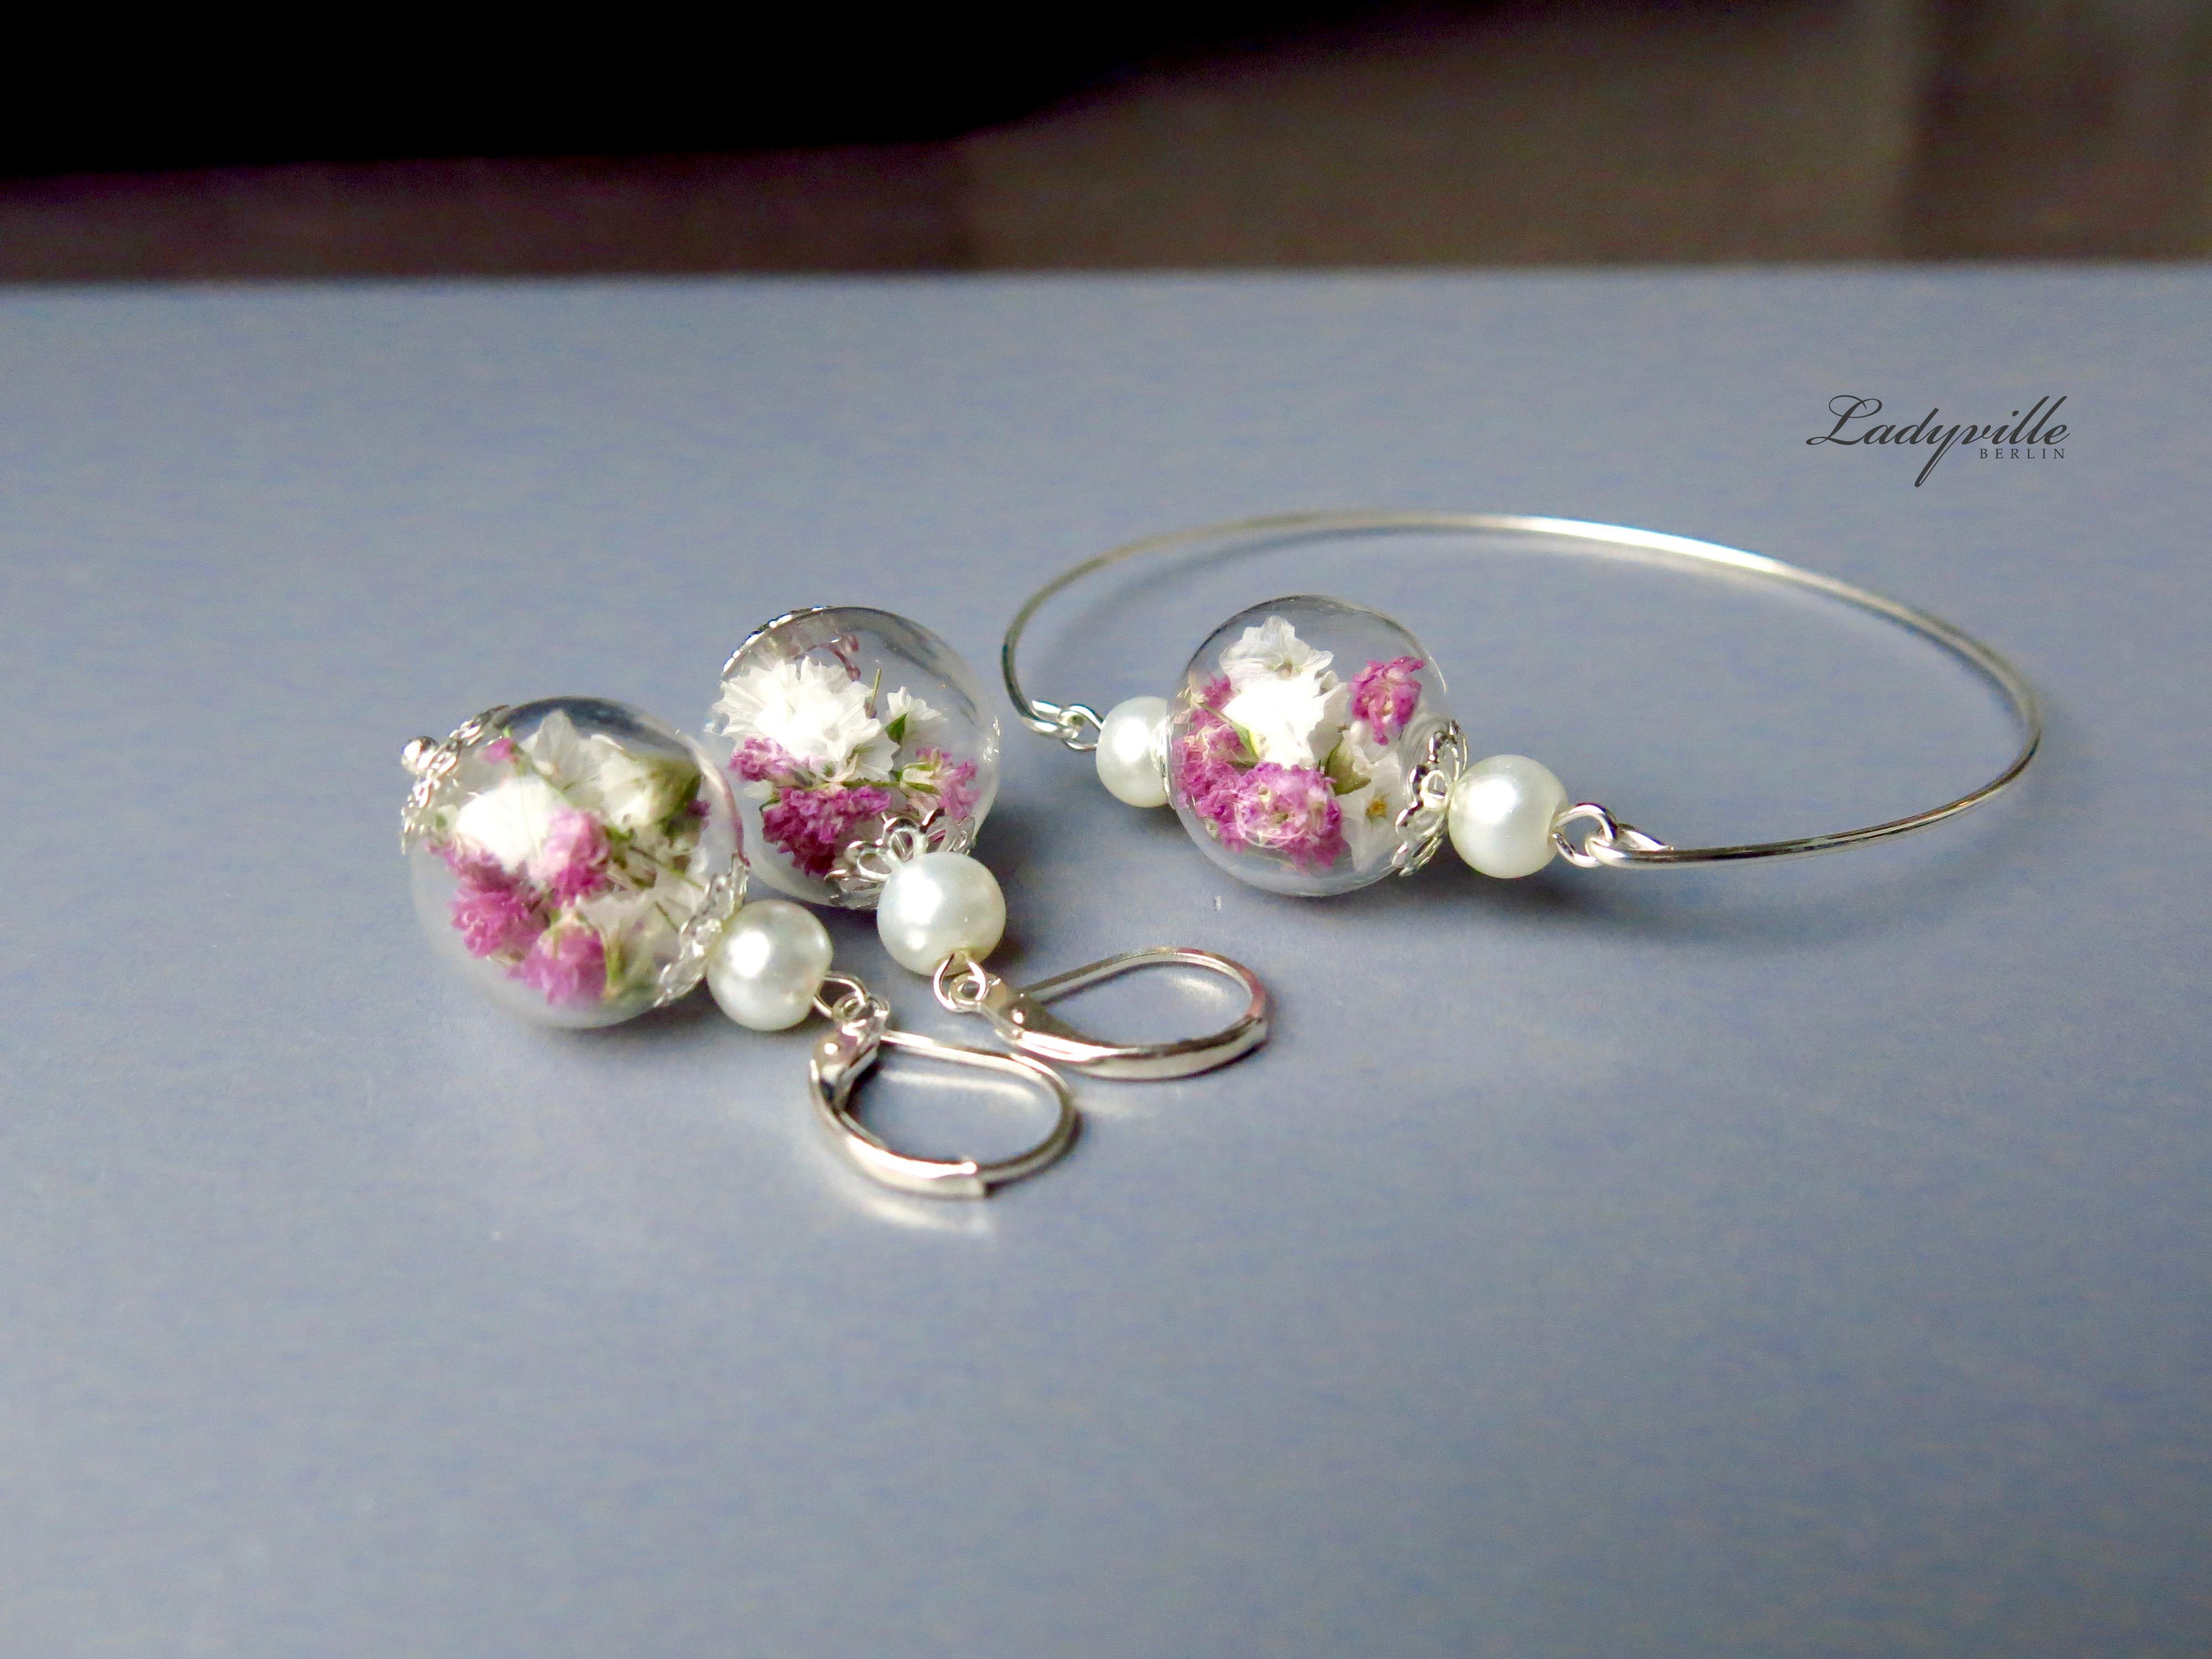 Getrocknete Blüten ladyville schmuckset echte getrocknete blüten designerschmuck